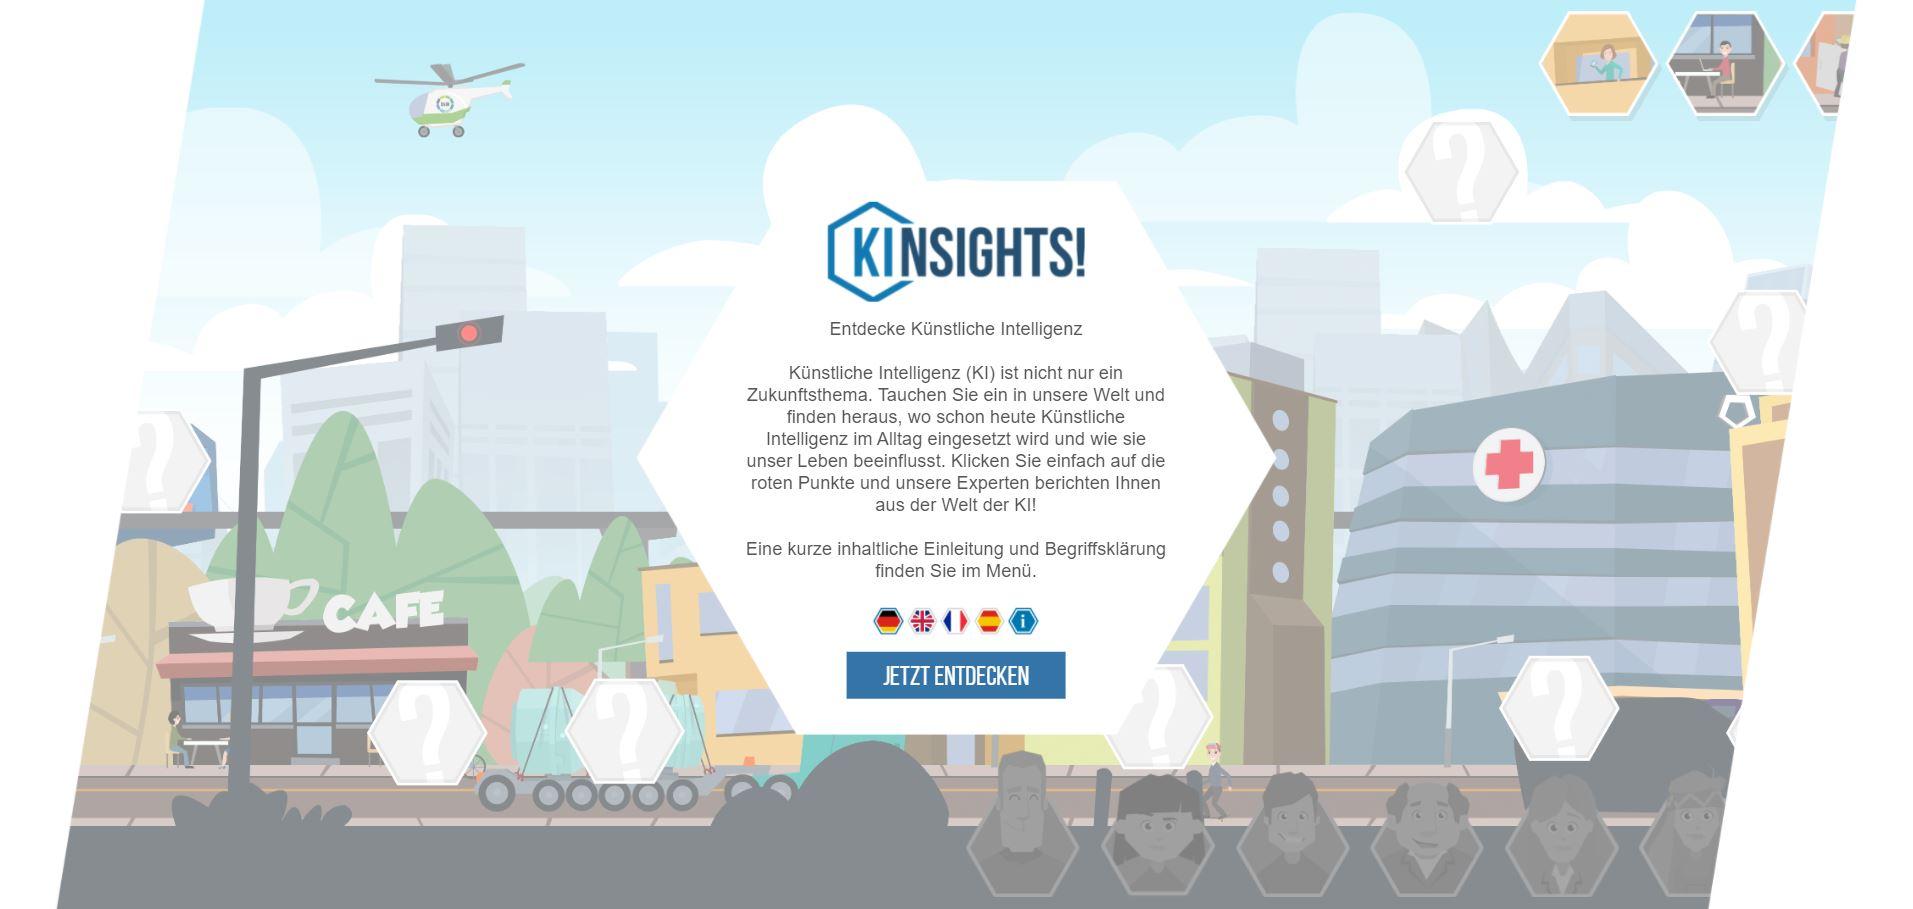 KInsights! Screenshot Startbildschirm